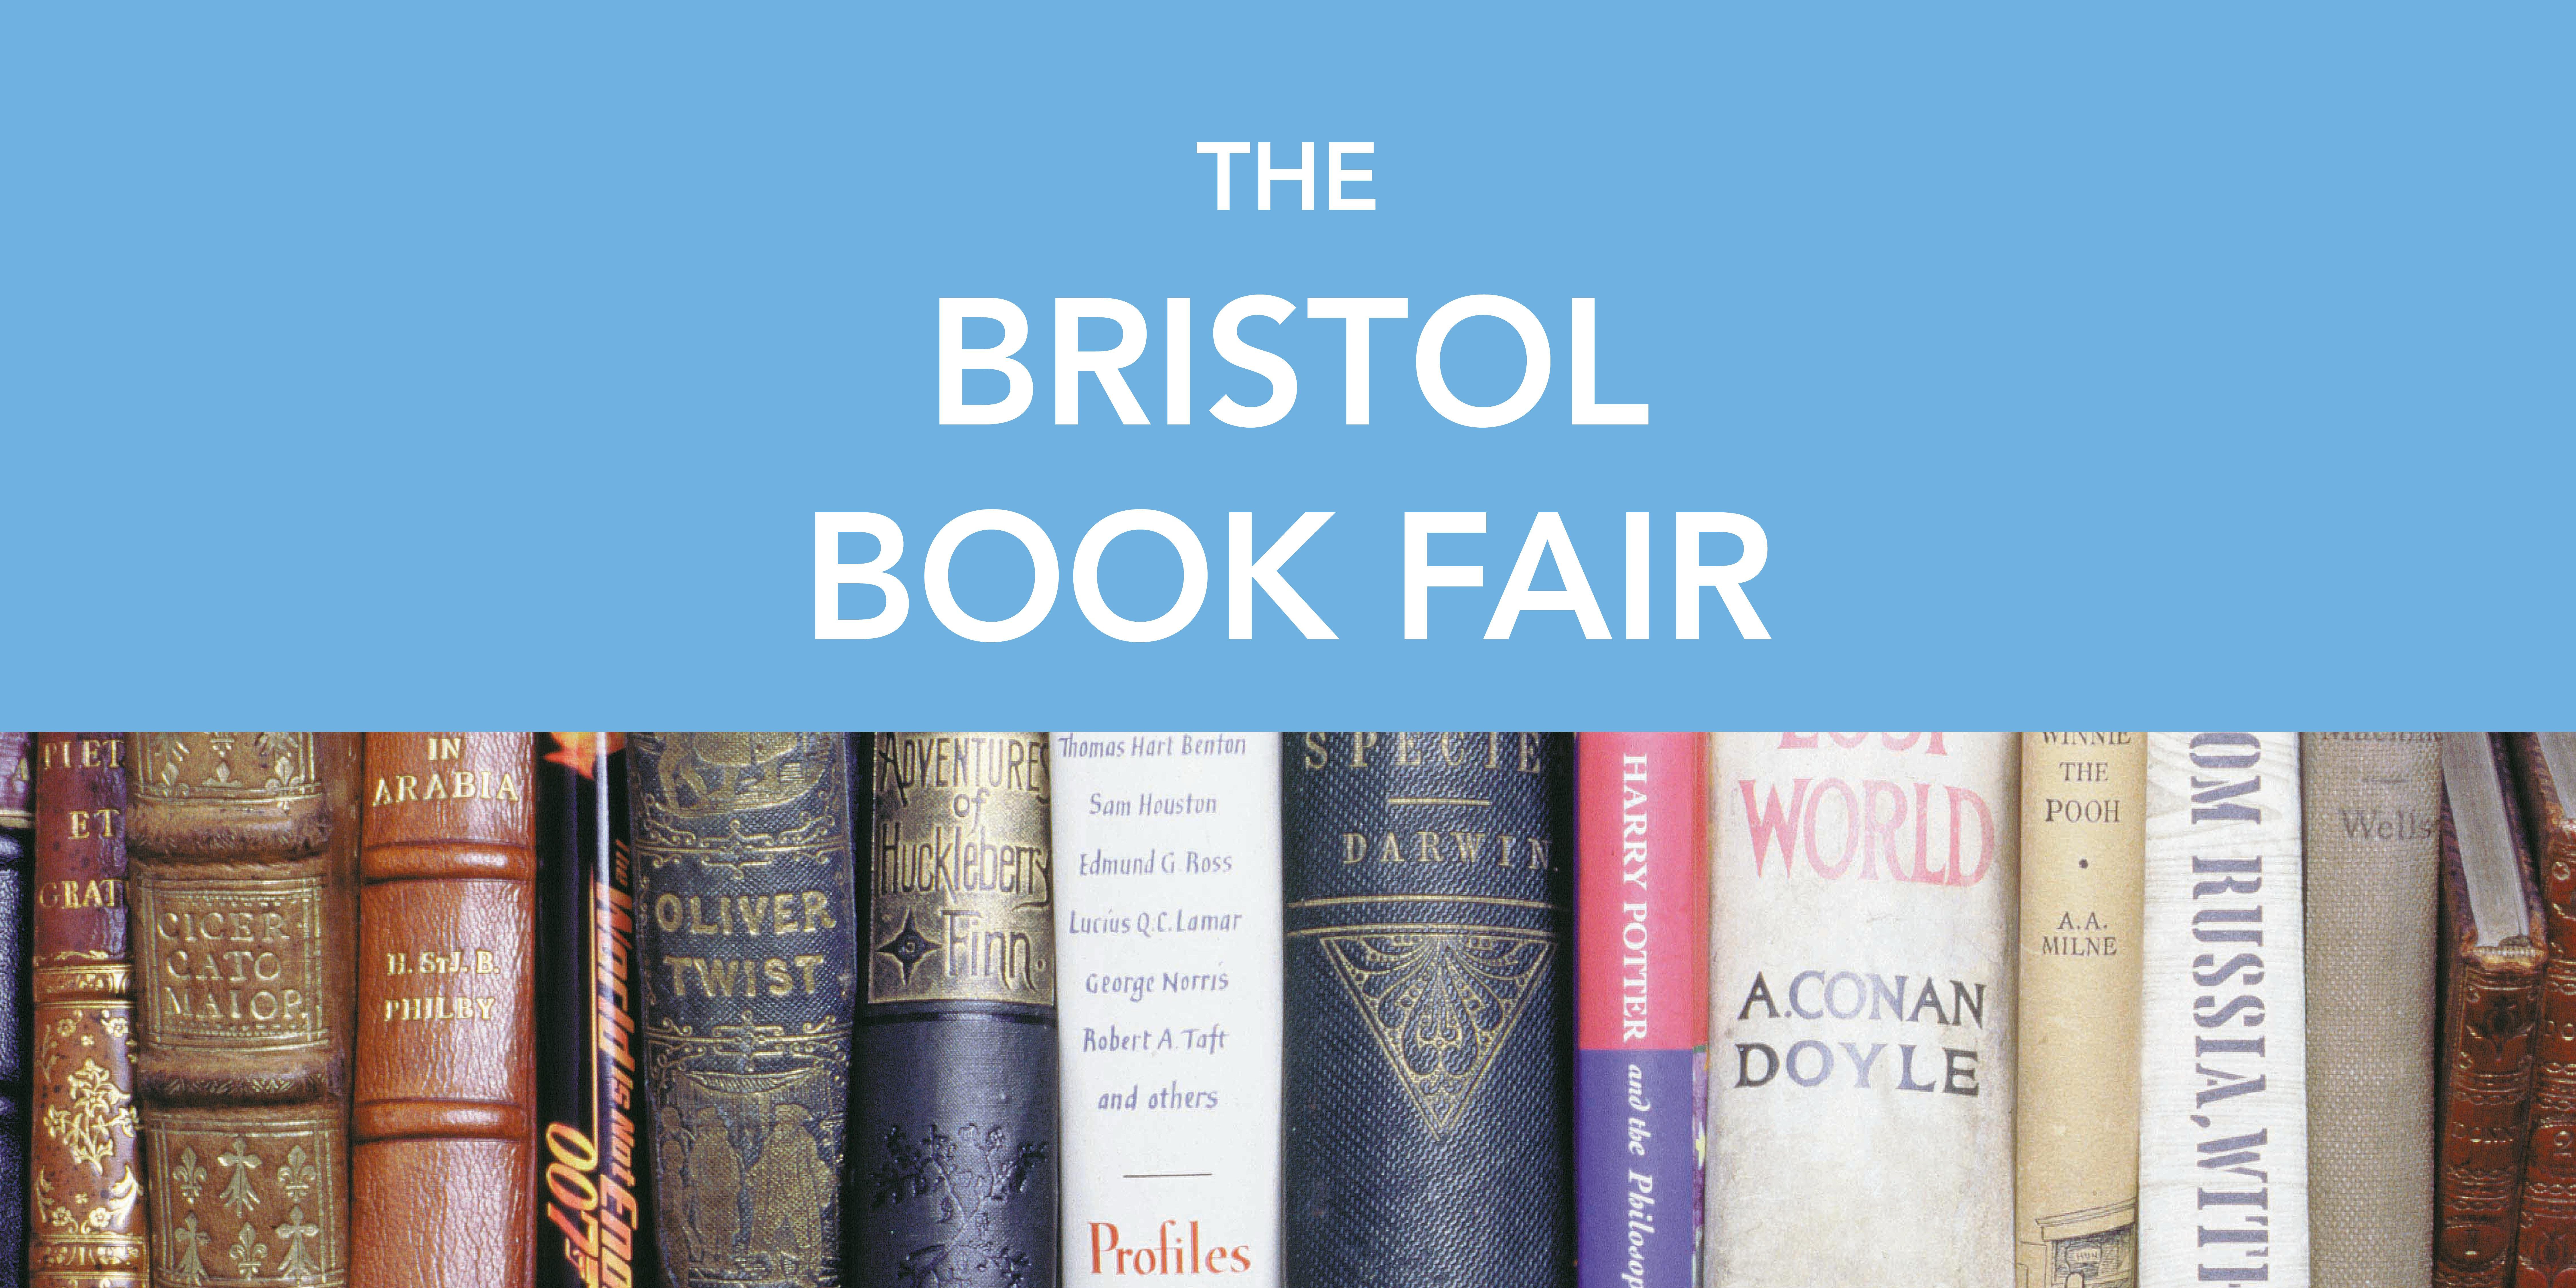 The Bristol Book Fair